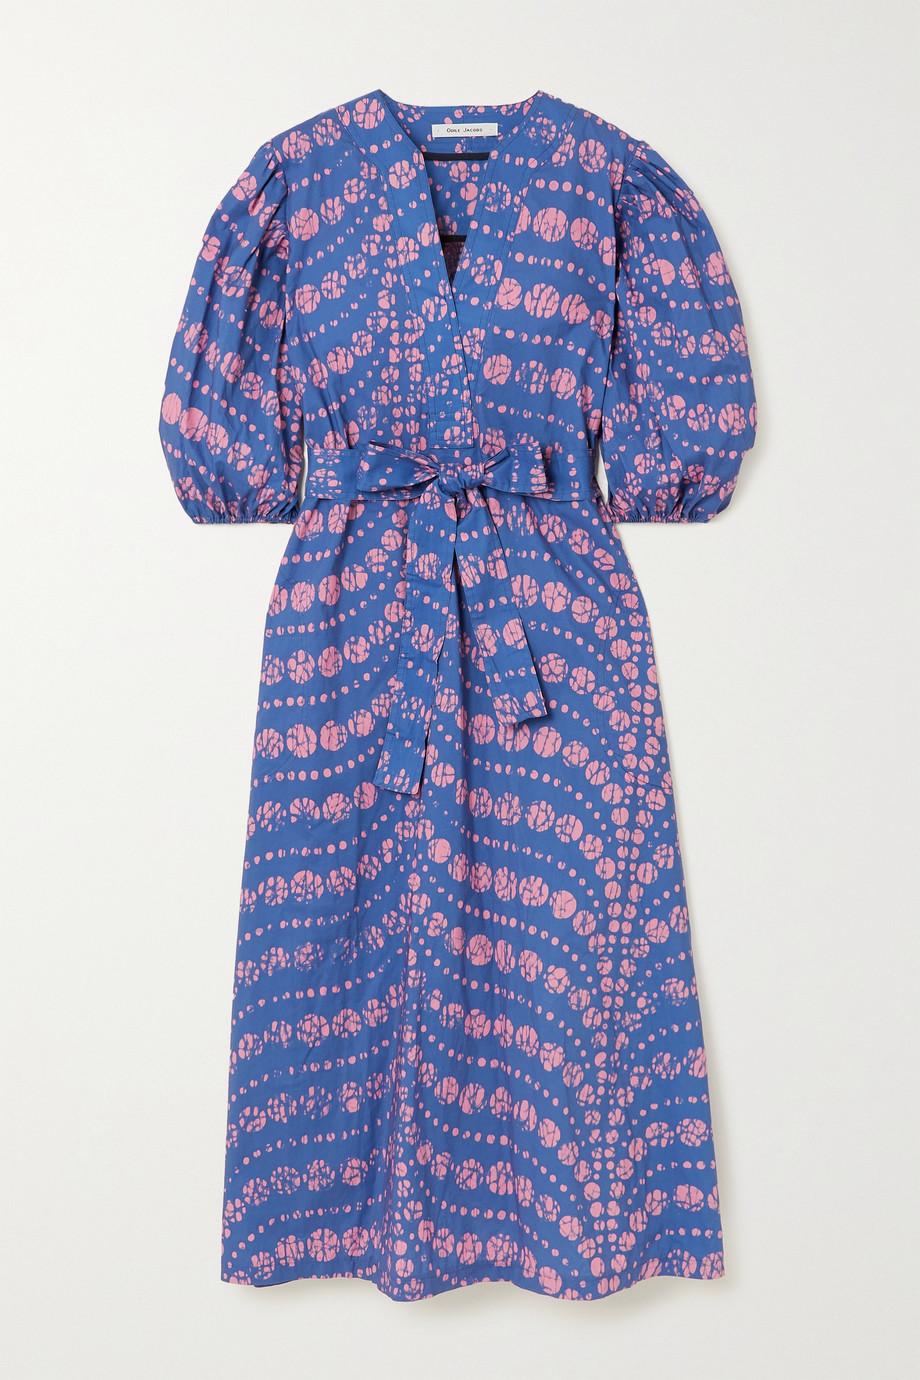 Odile Jacobs Midi-Wickelkleid aus Baumwolle mit Wachsdruck